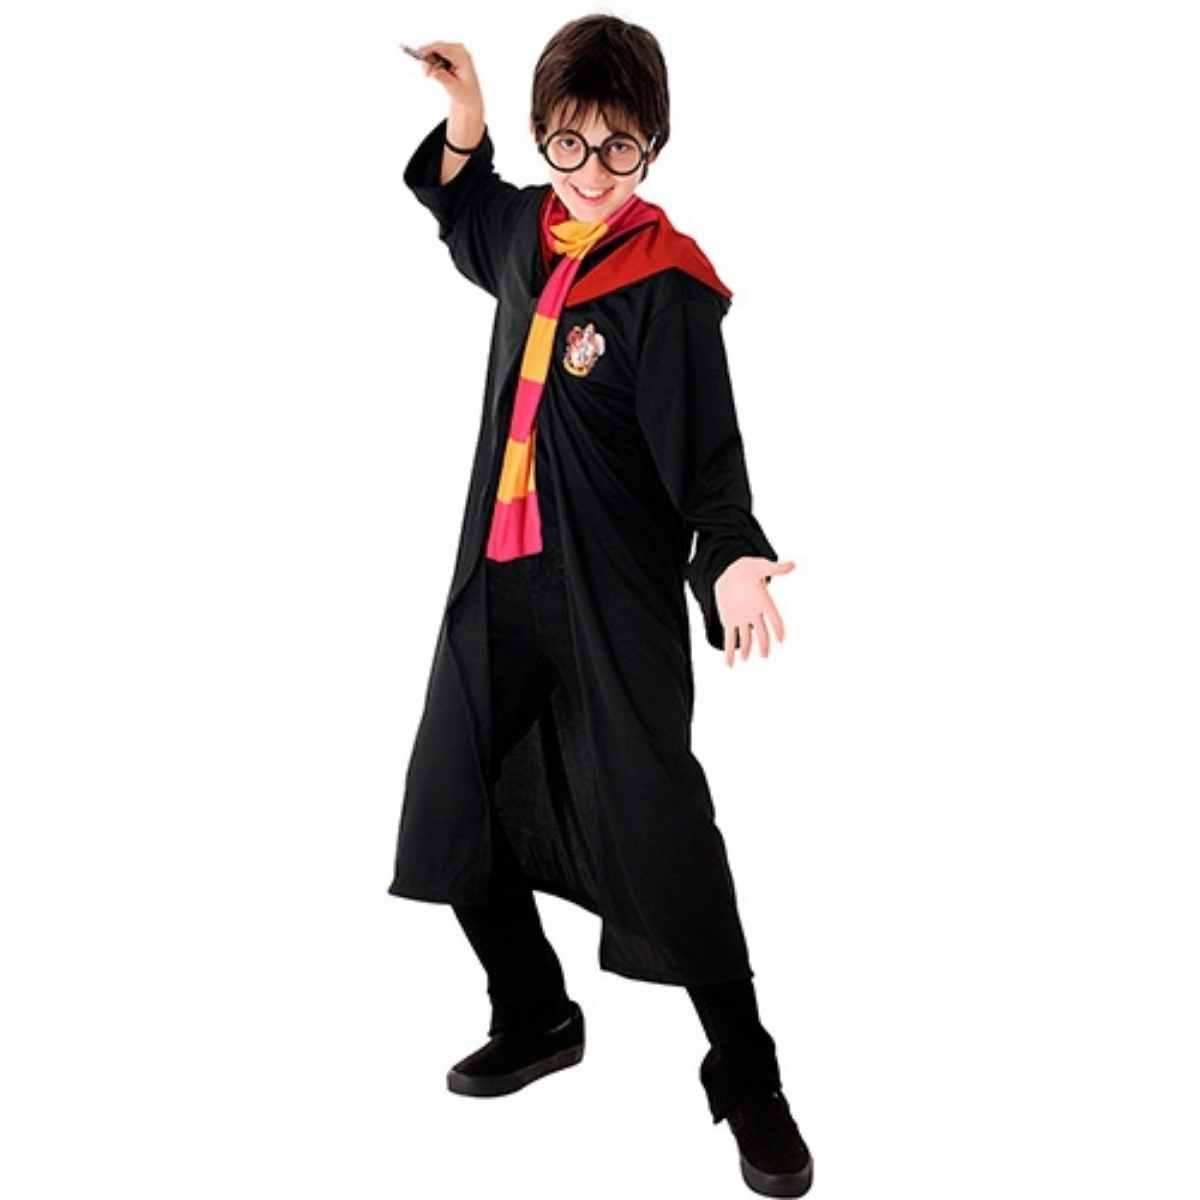 Fantasia Harry Potter Infantil (SL)